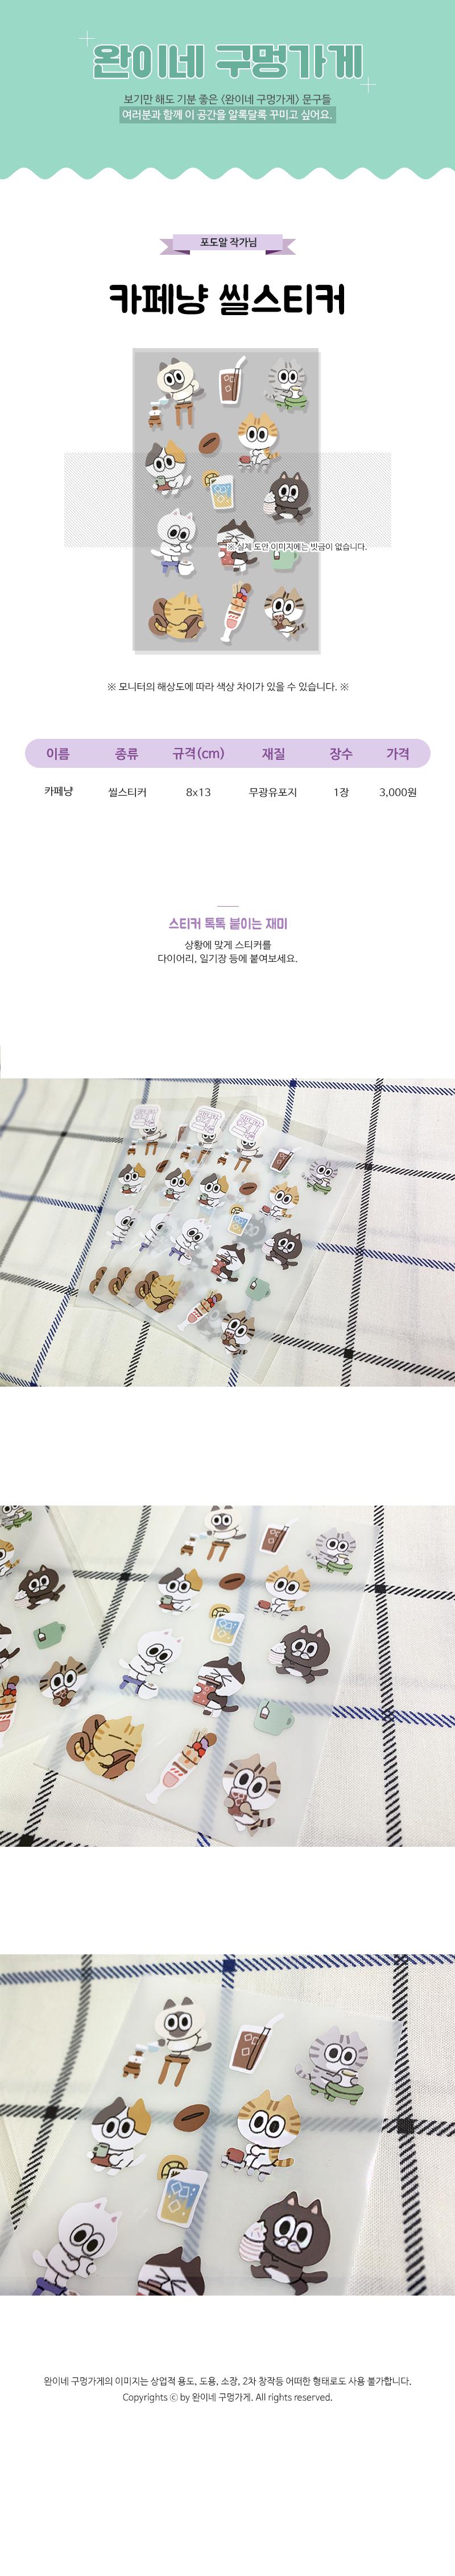 sticker602